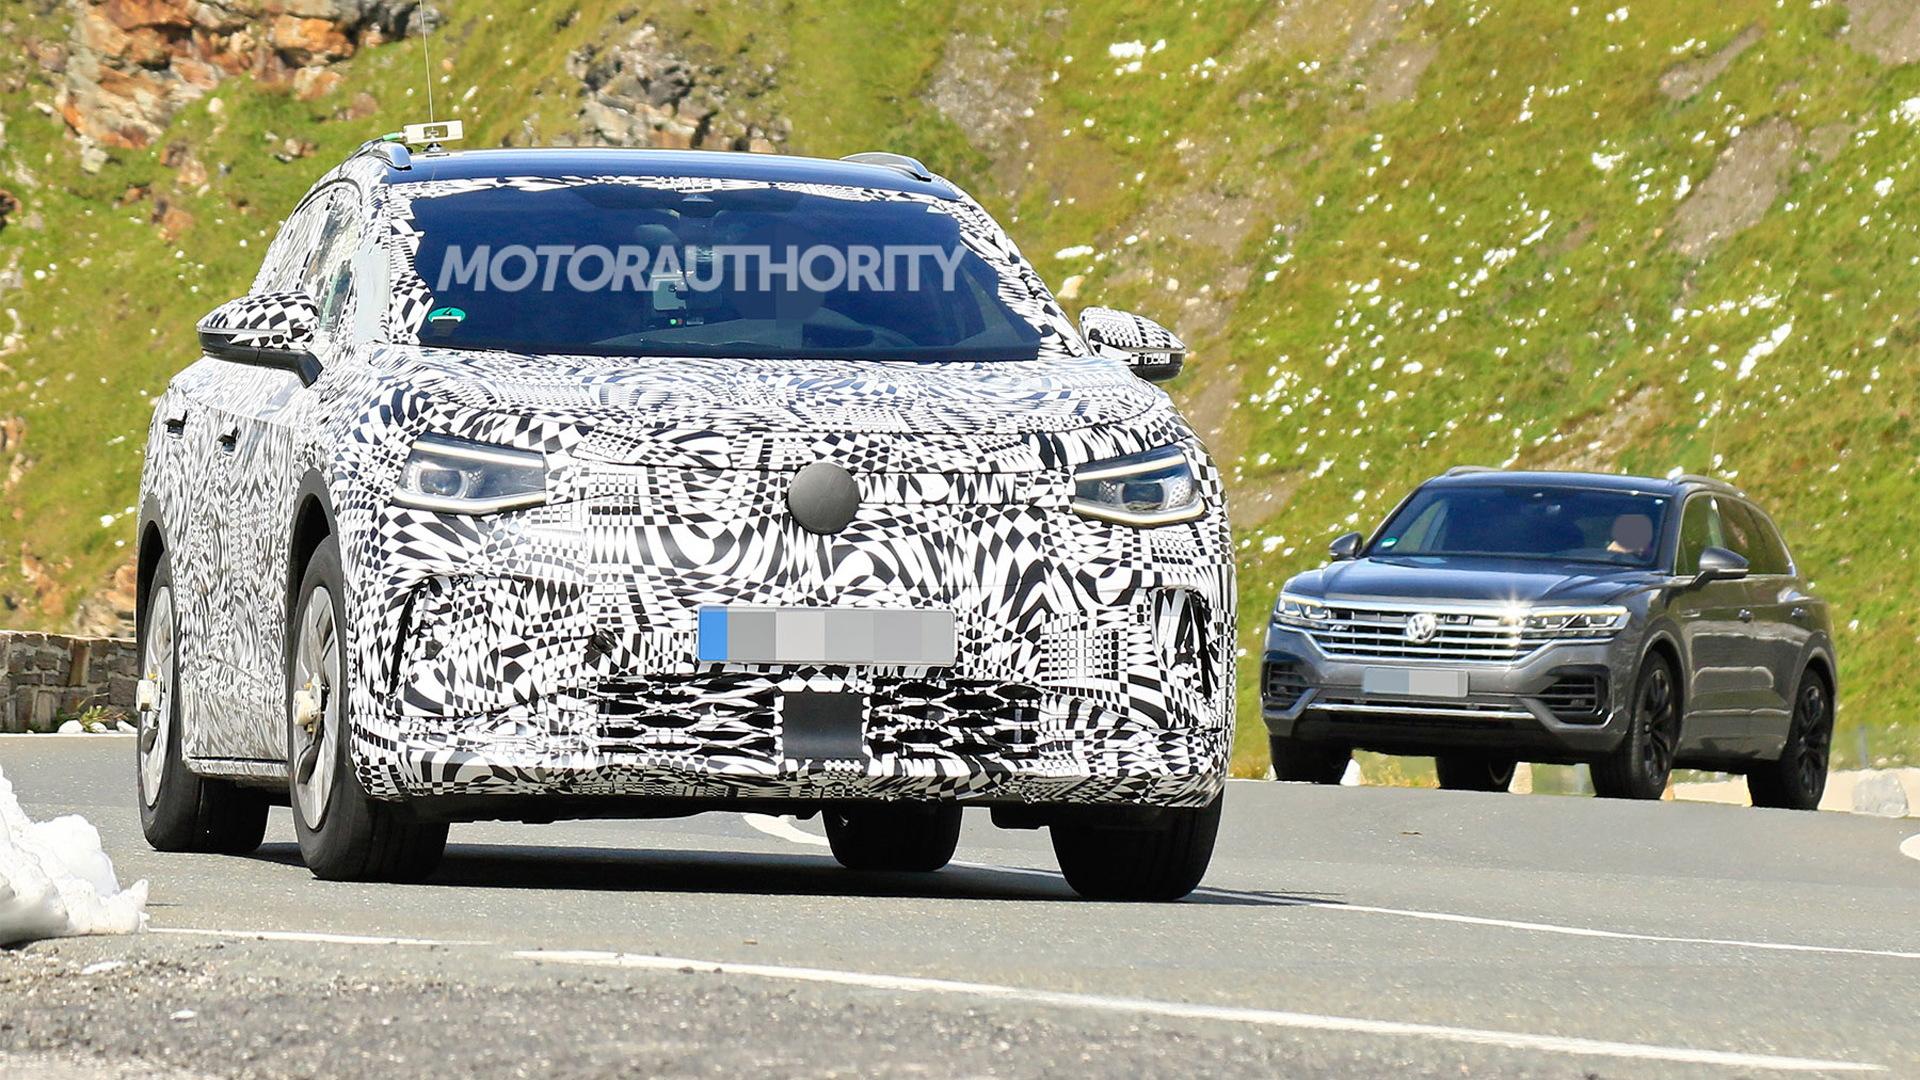 2021 Volkswagen ID 4 (Crozz) spy shots - Photo credit: S. Baldauf/SB-Medien